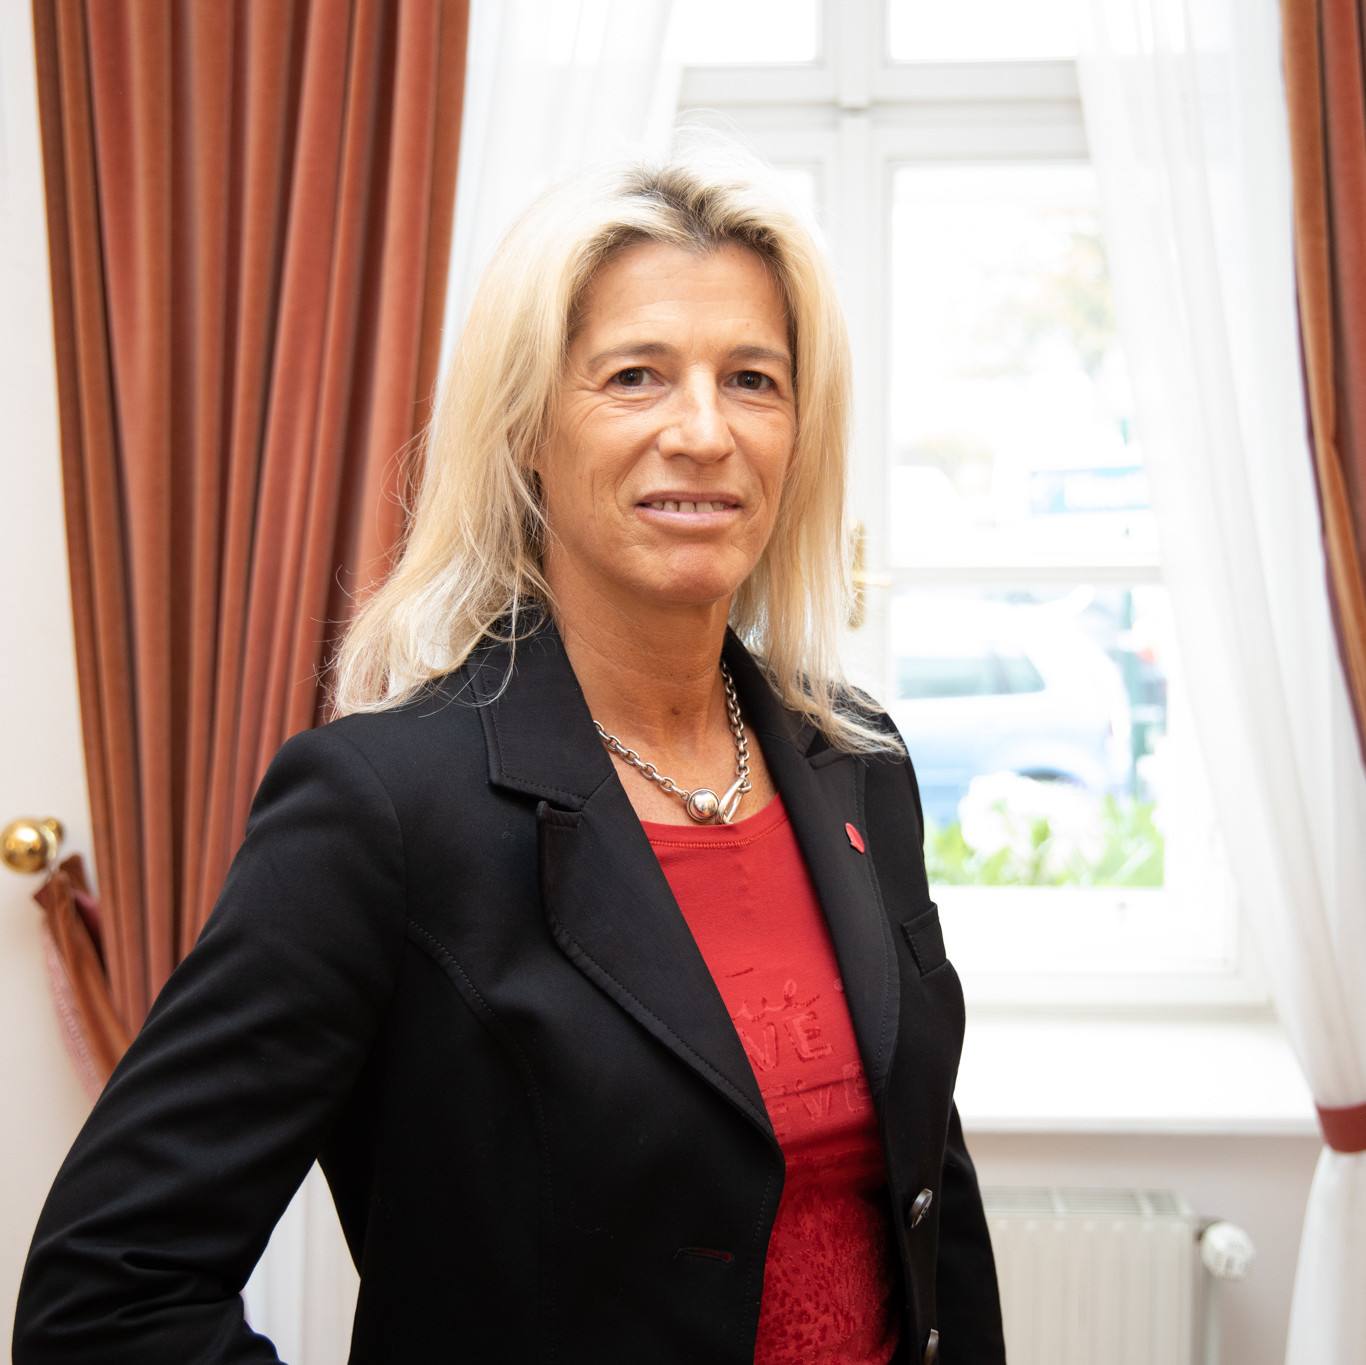 Foto: Sabine Tröger